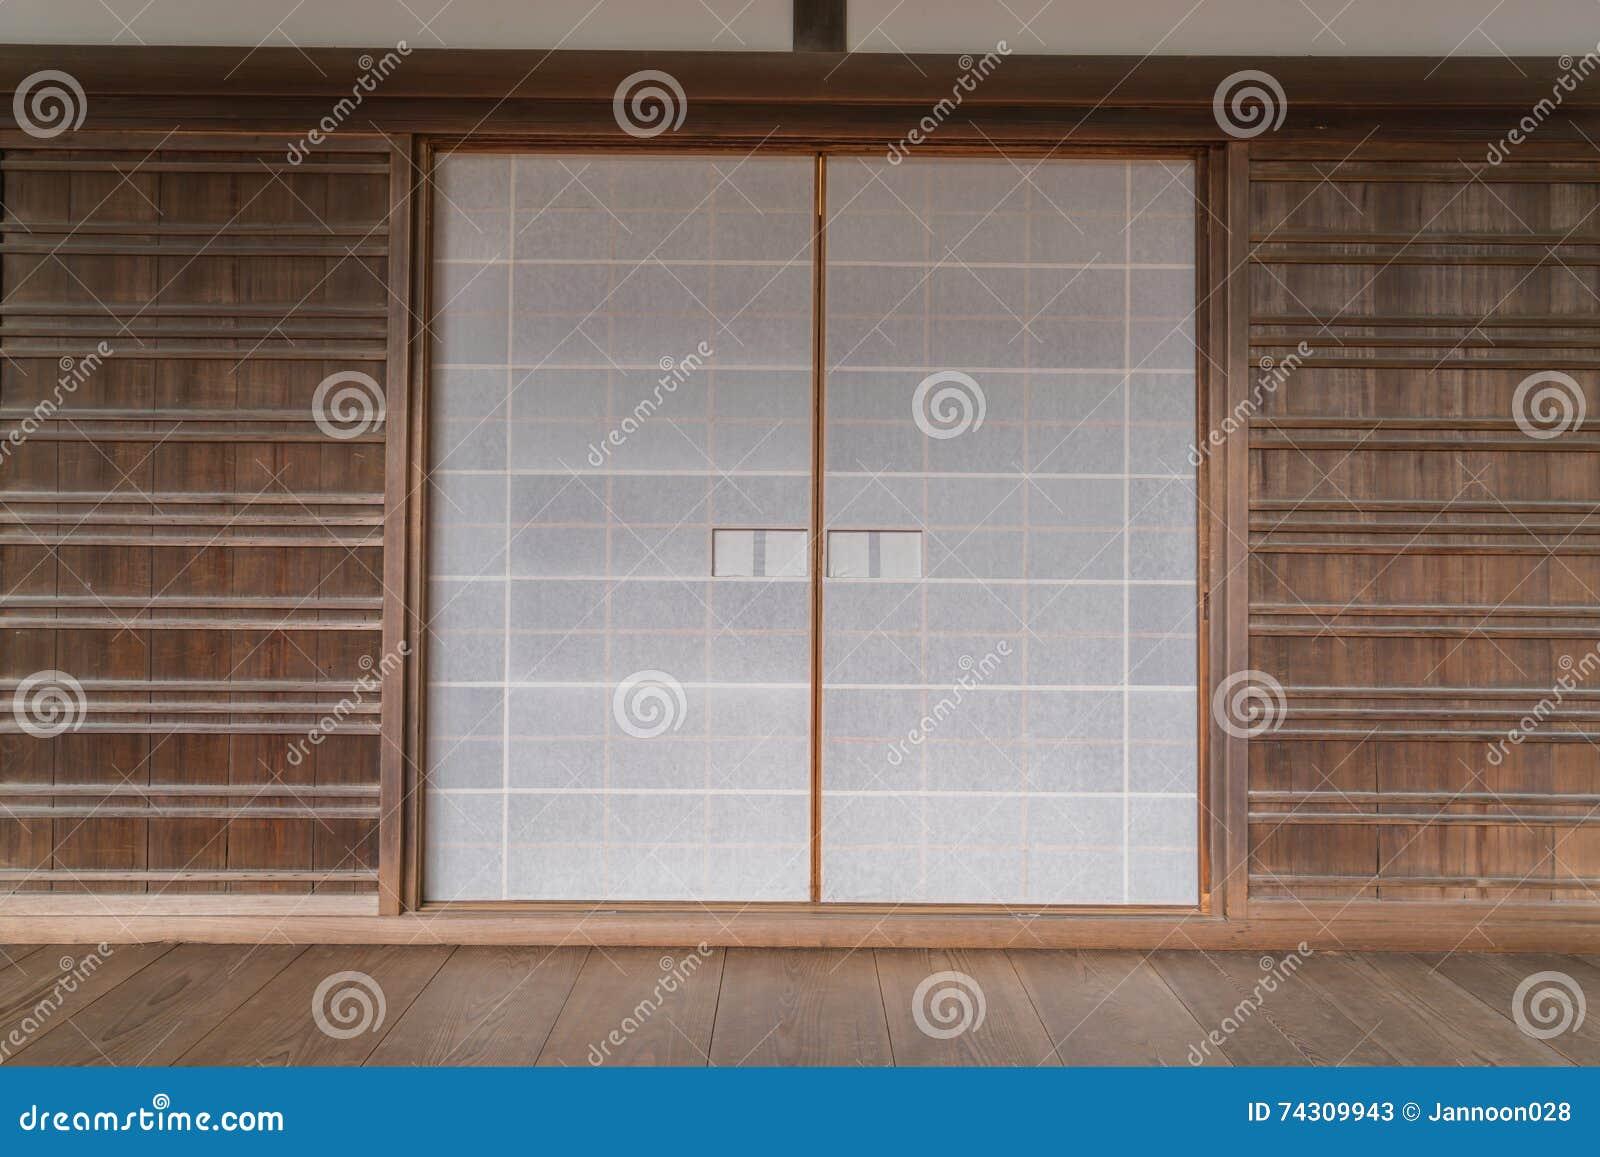 Porte De Papier Coulissante Japonaise Image Stock Image Du Inside